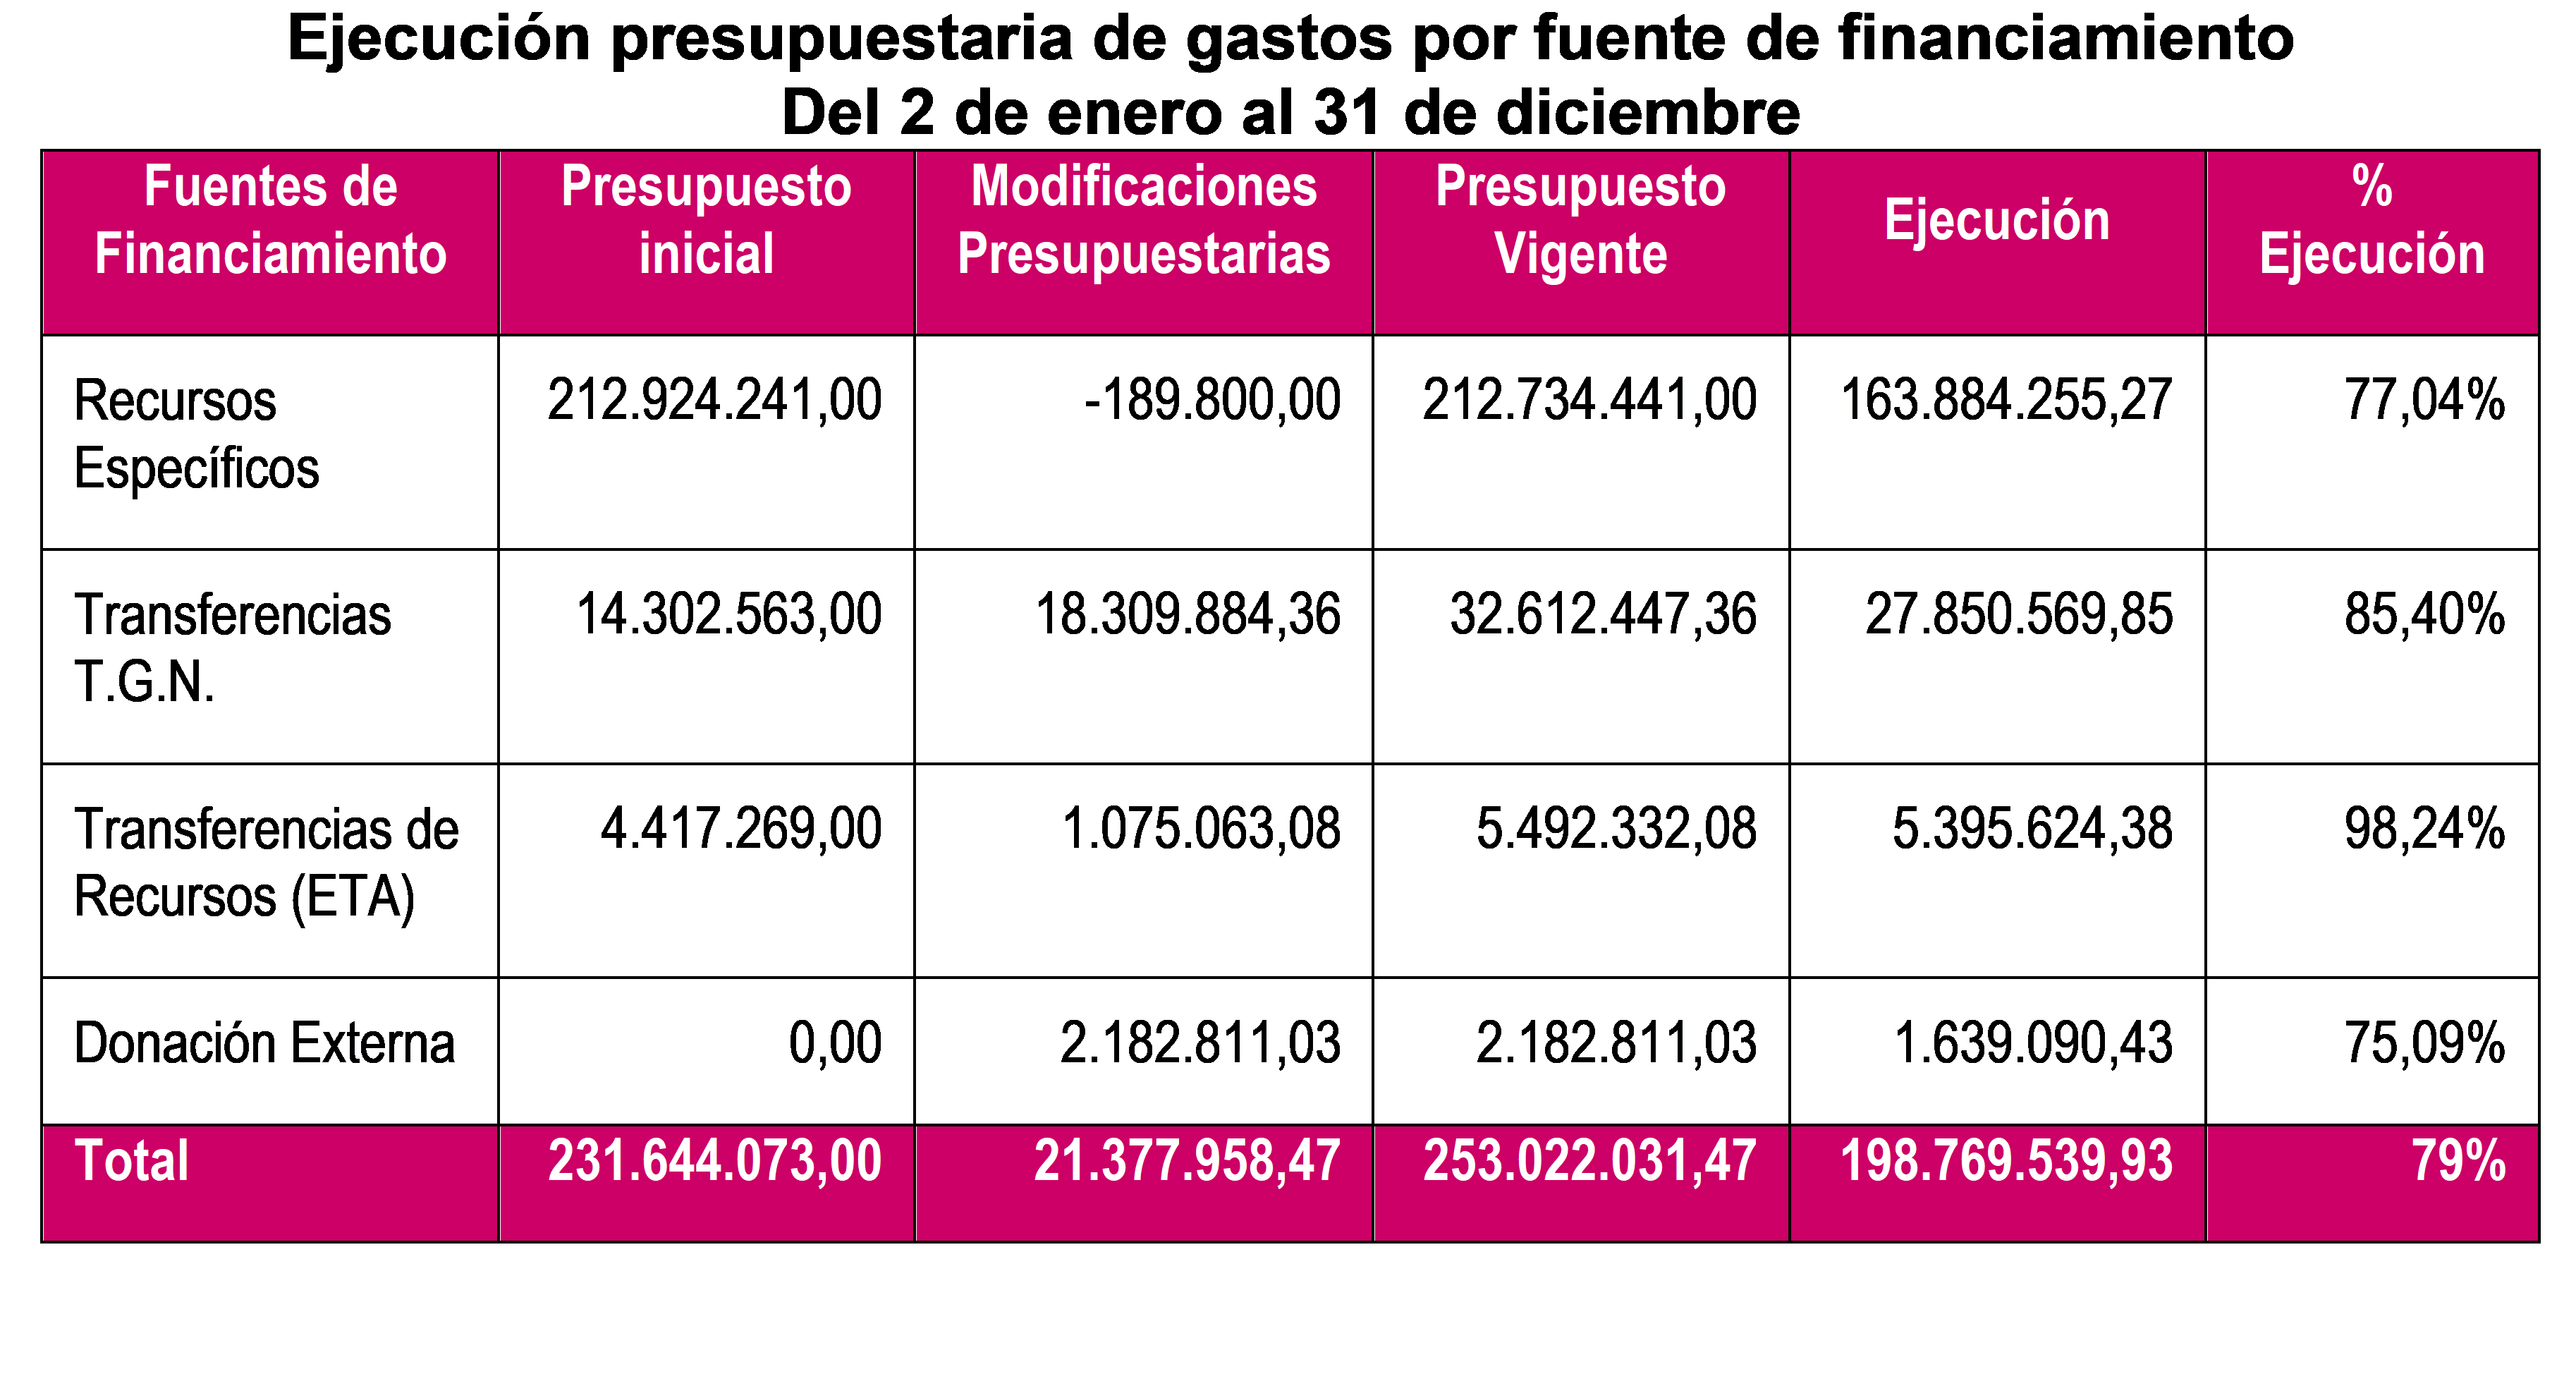 cuadropresupuesto2018_040119